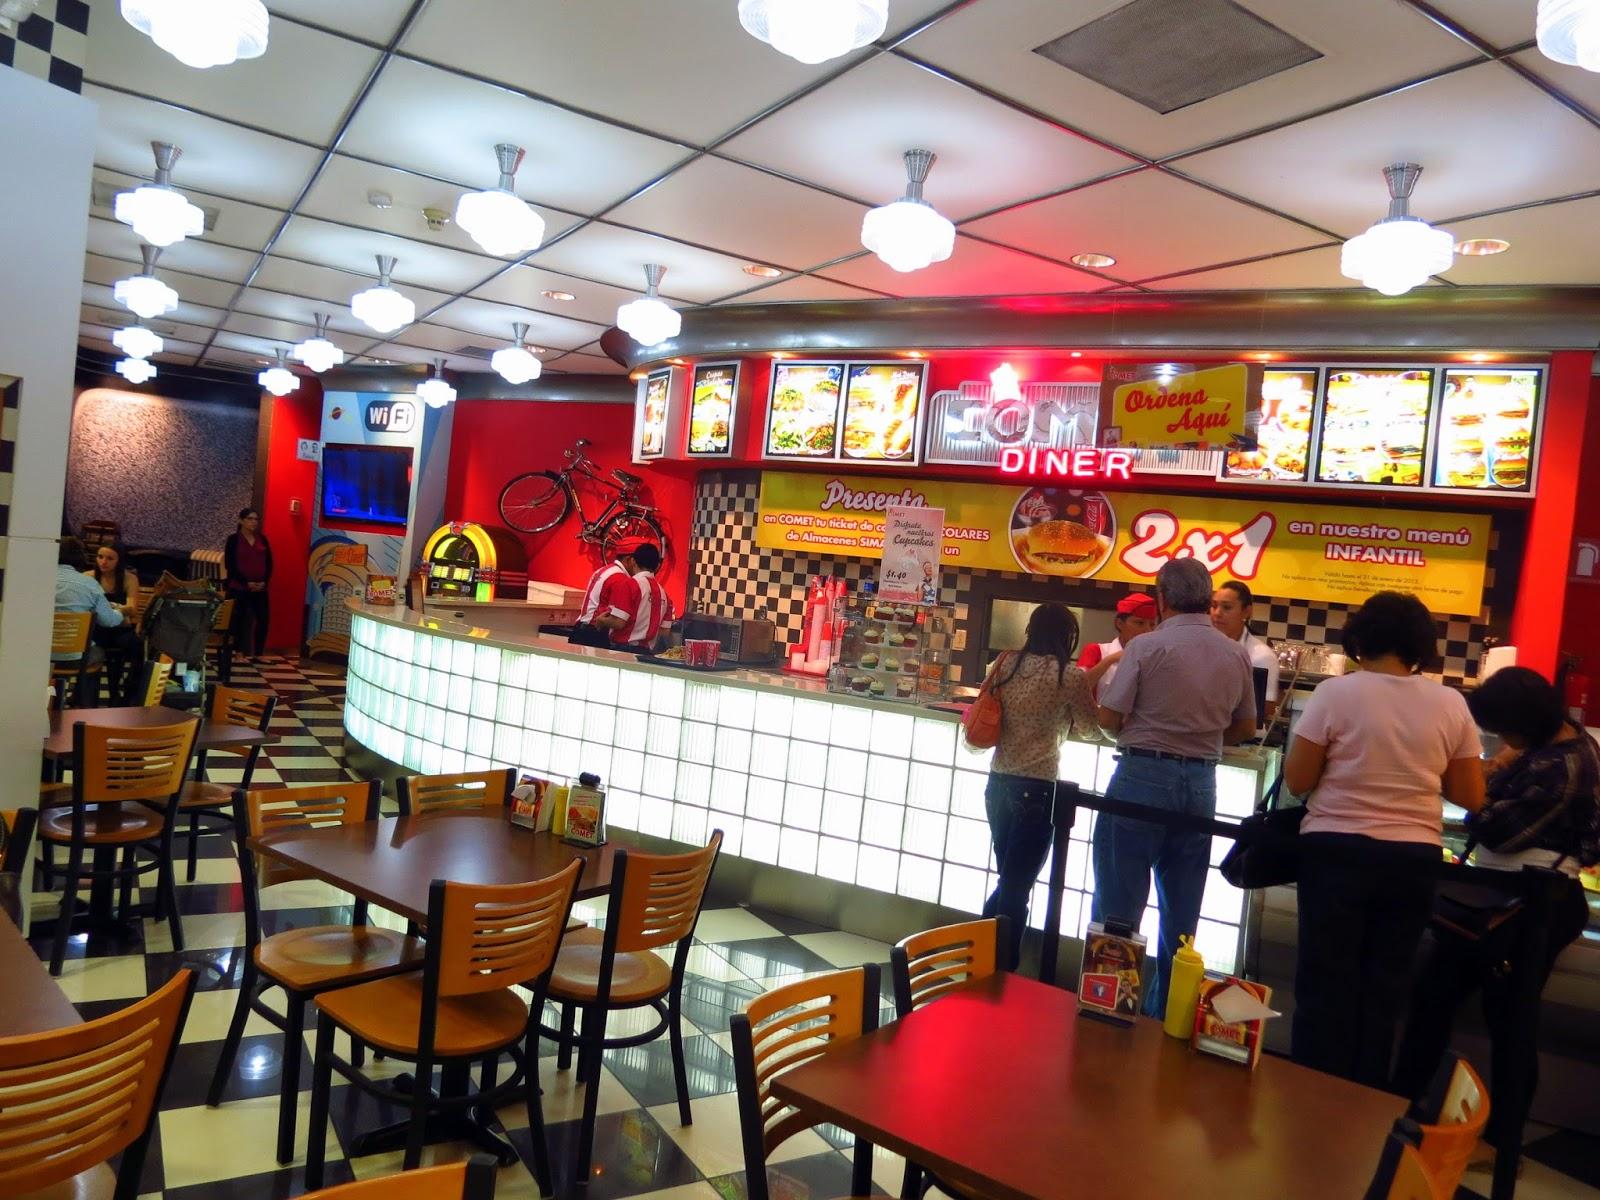 Restaurant s tamy organizaci n de los restaurantes for Sillas para local de comidas rapidas